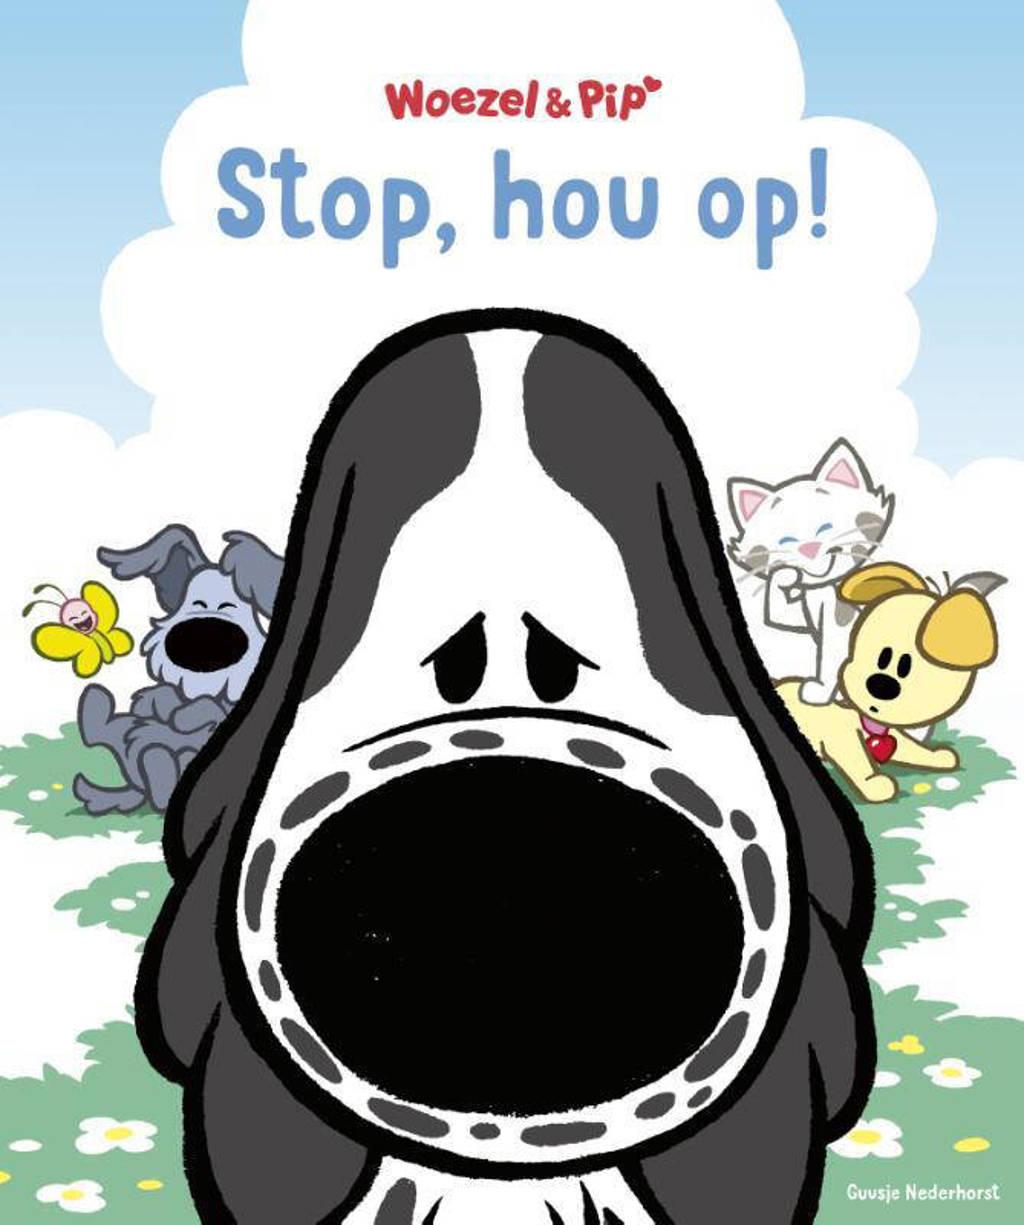 Woezel & Pip: Stop, hou op! - Guusje Nederhorst en